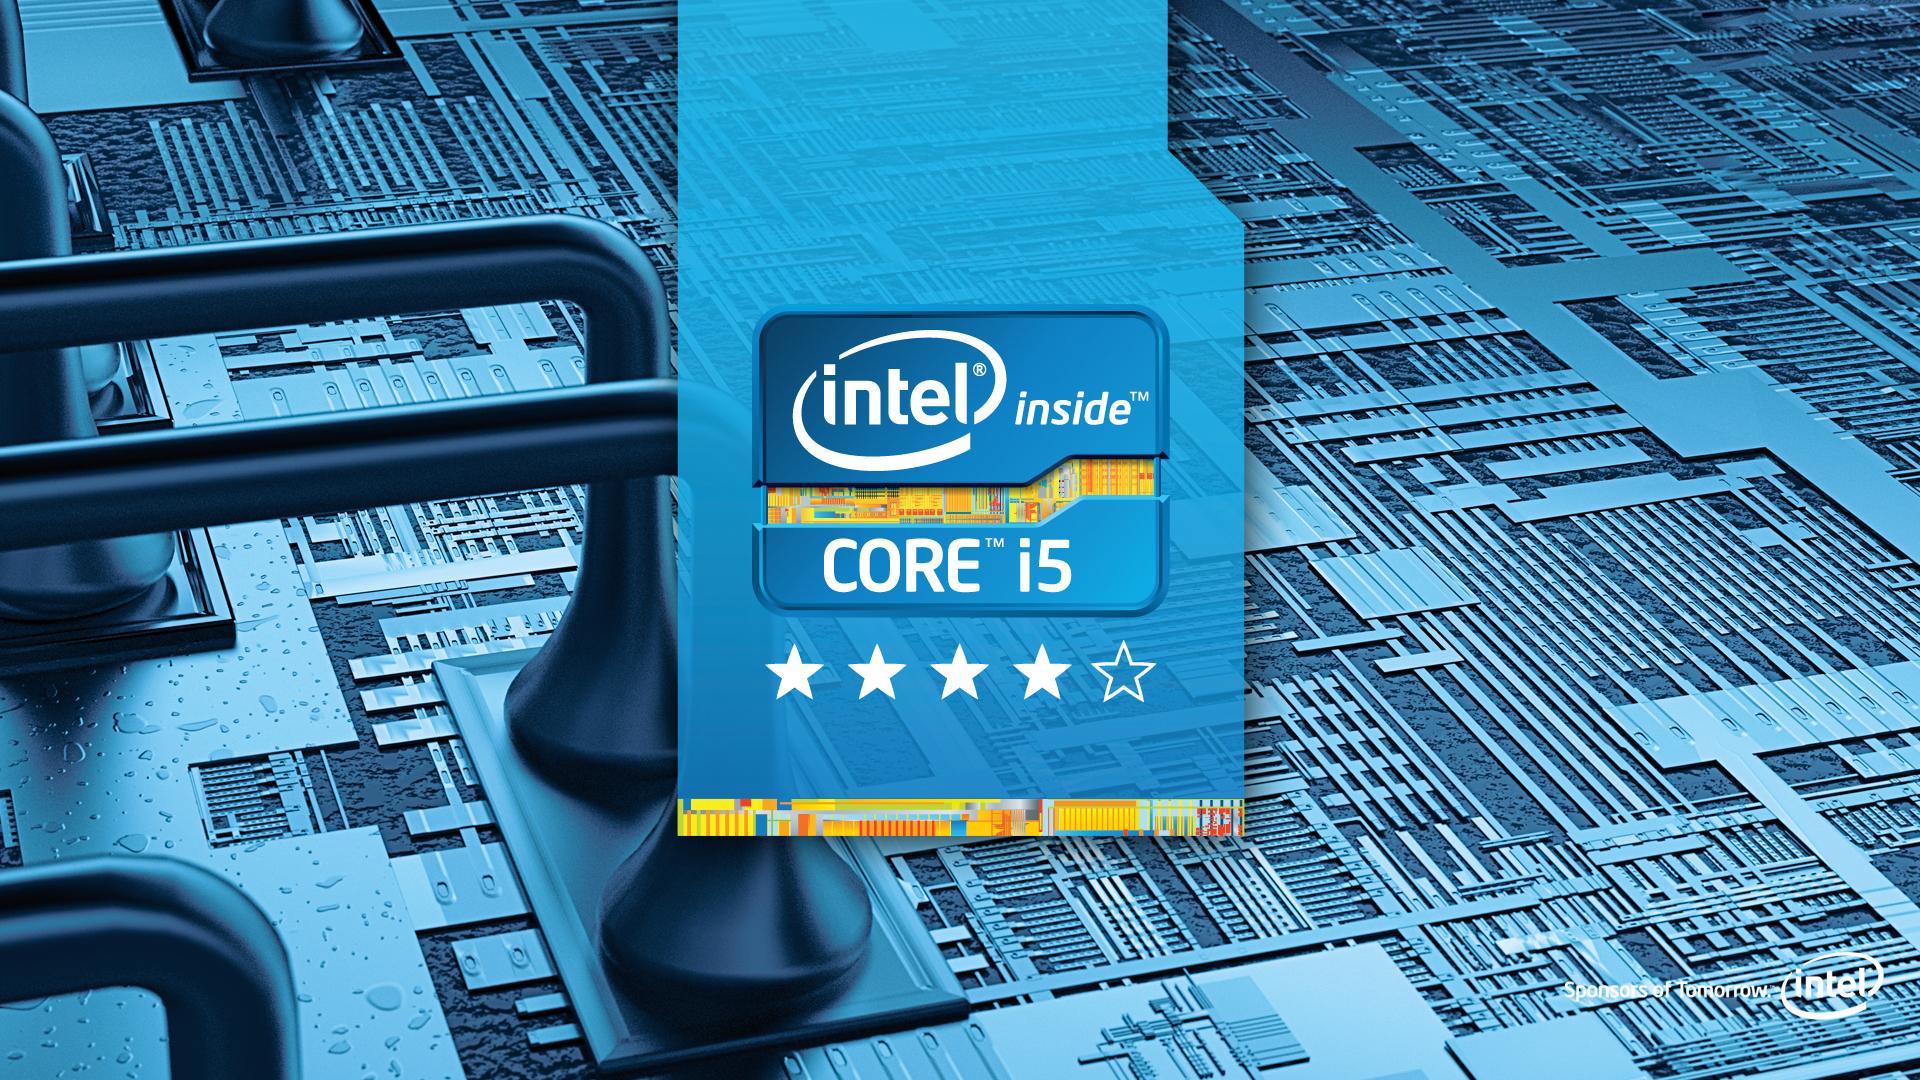 Intel core i5 30666   99Wallpaper 1920x1080